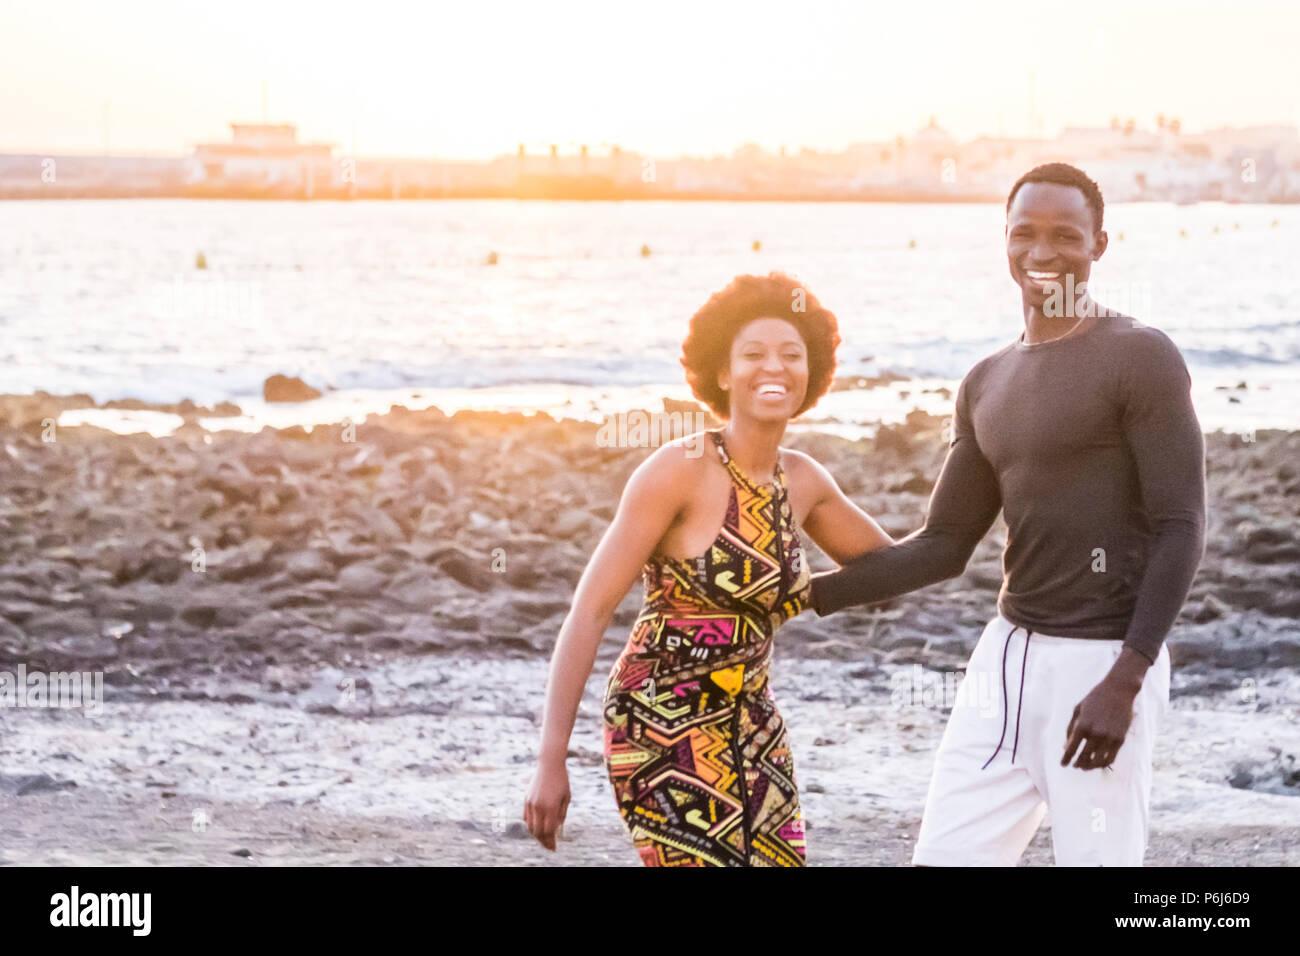 Gerne schwarze afrikanische Rennen haut Paar zusammen Spaß am Strand im Urlaub. glück Konzept mit zwei jungen Mann und Frau gemeinsam Spaß zu haben. Stockbild